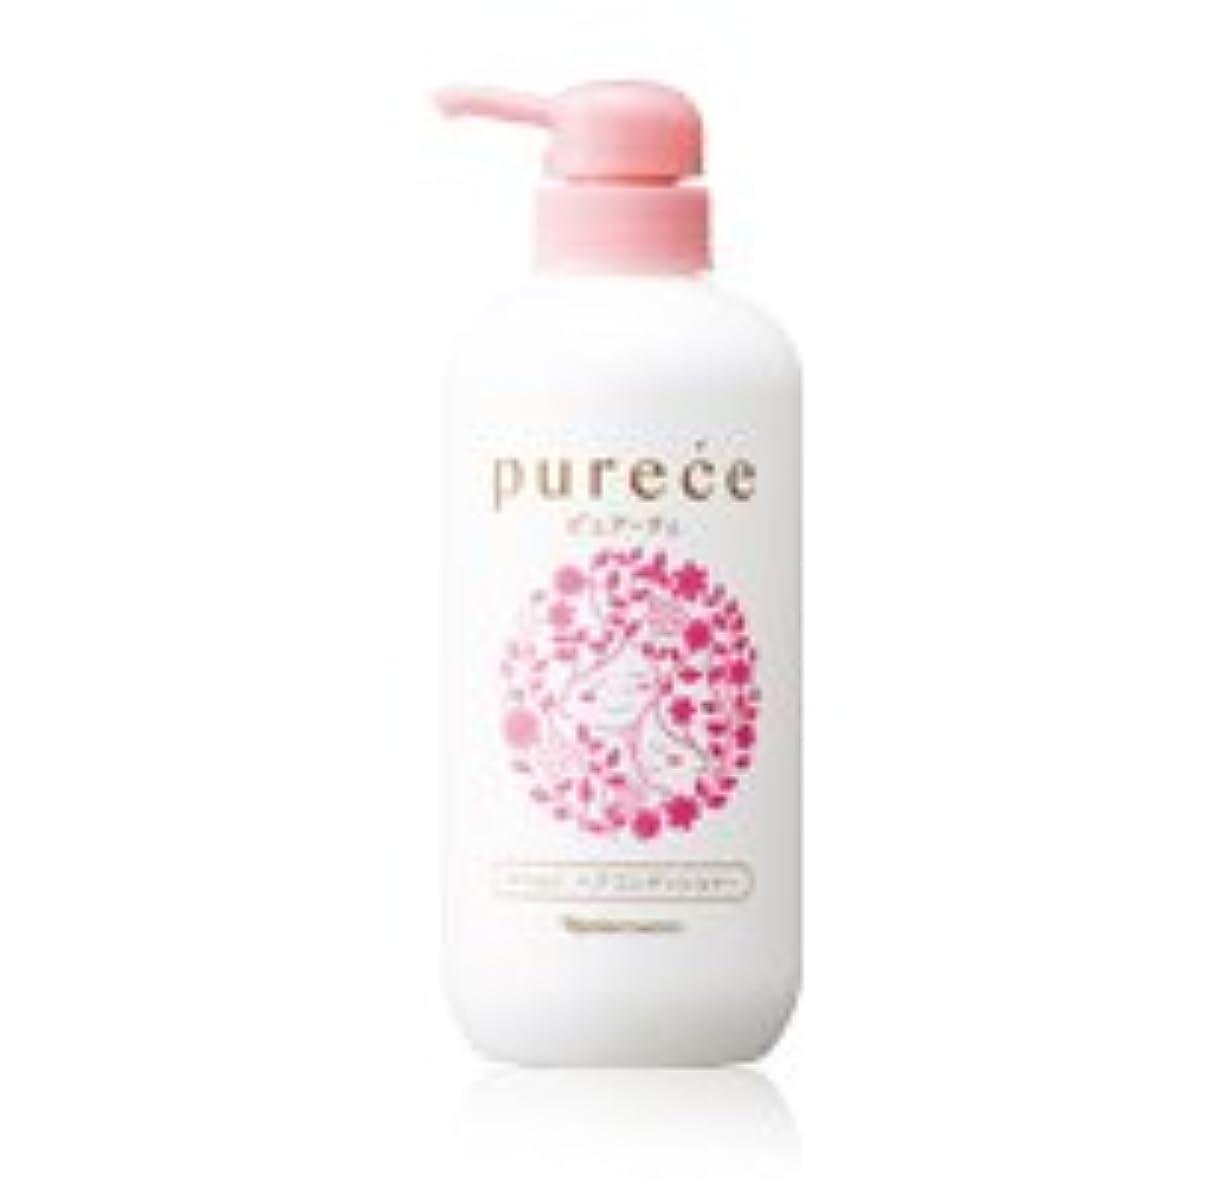 ぼかすコテージ健康的ナリス化粧品 ピュアーチェ(PURECE) マイルドヘアコンディショナー FS 550ml [本体]